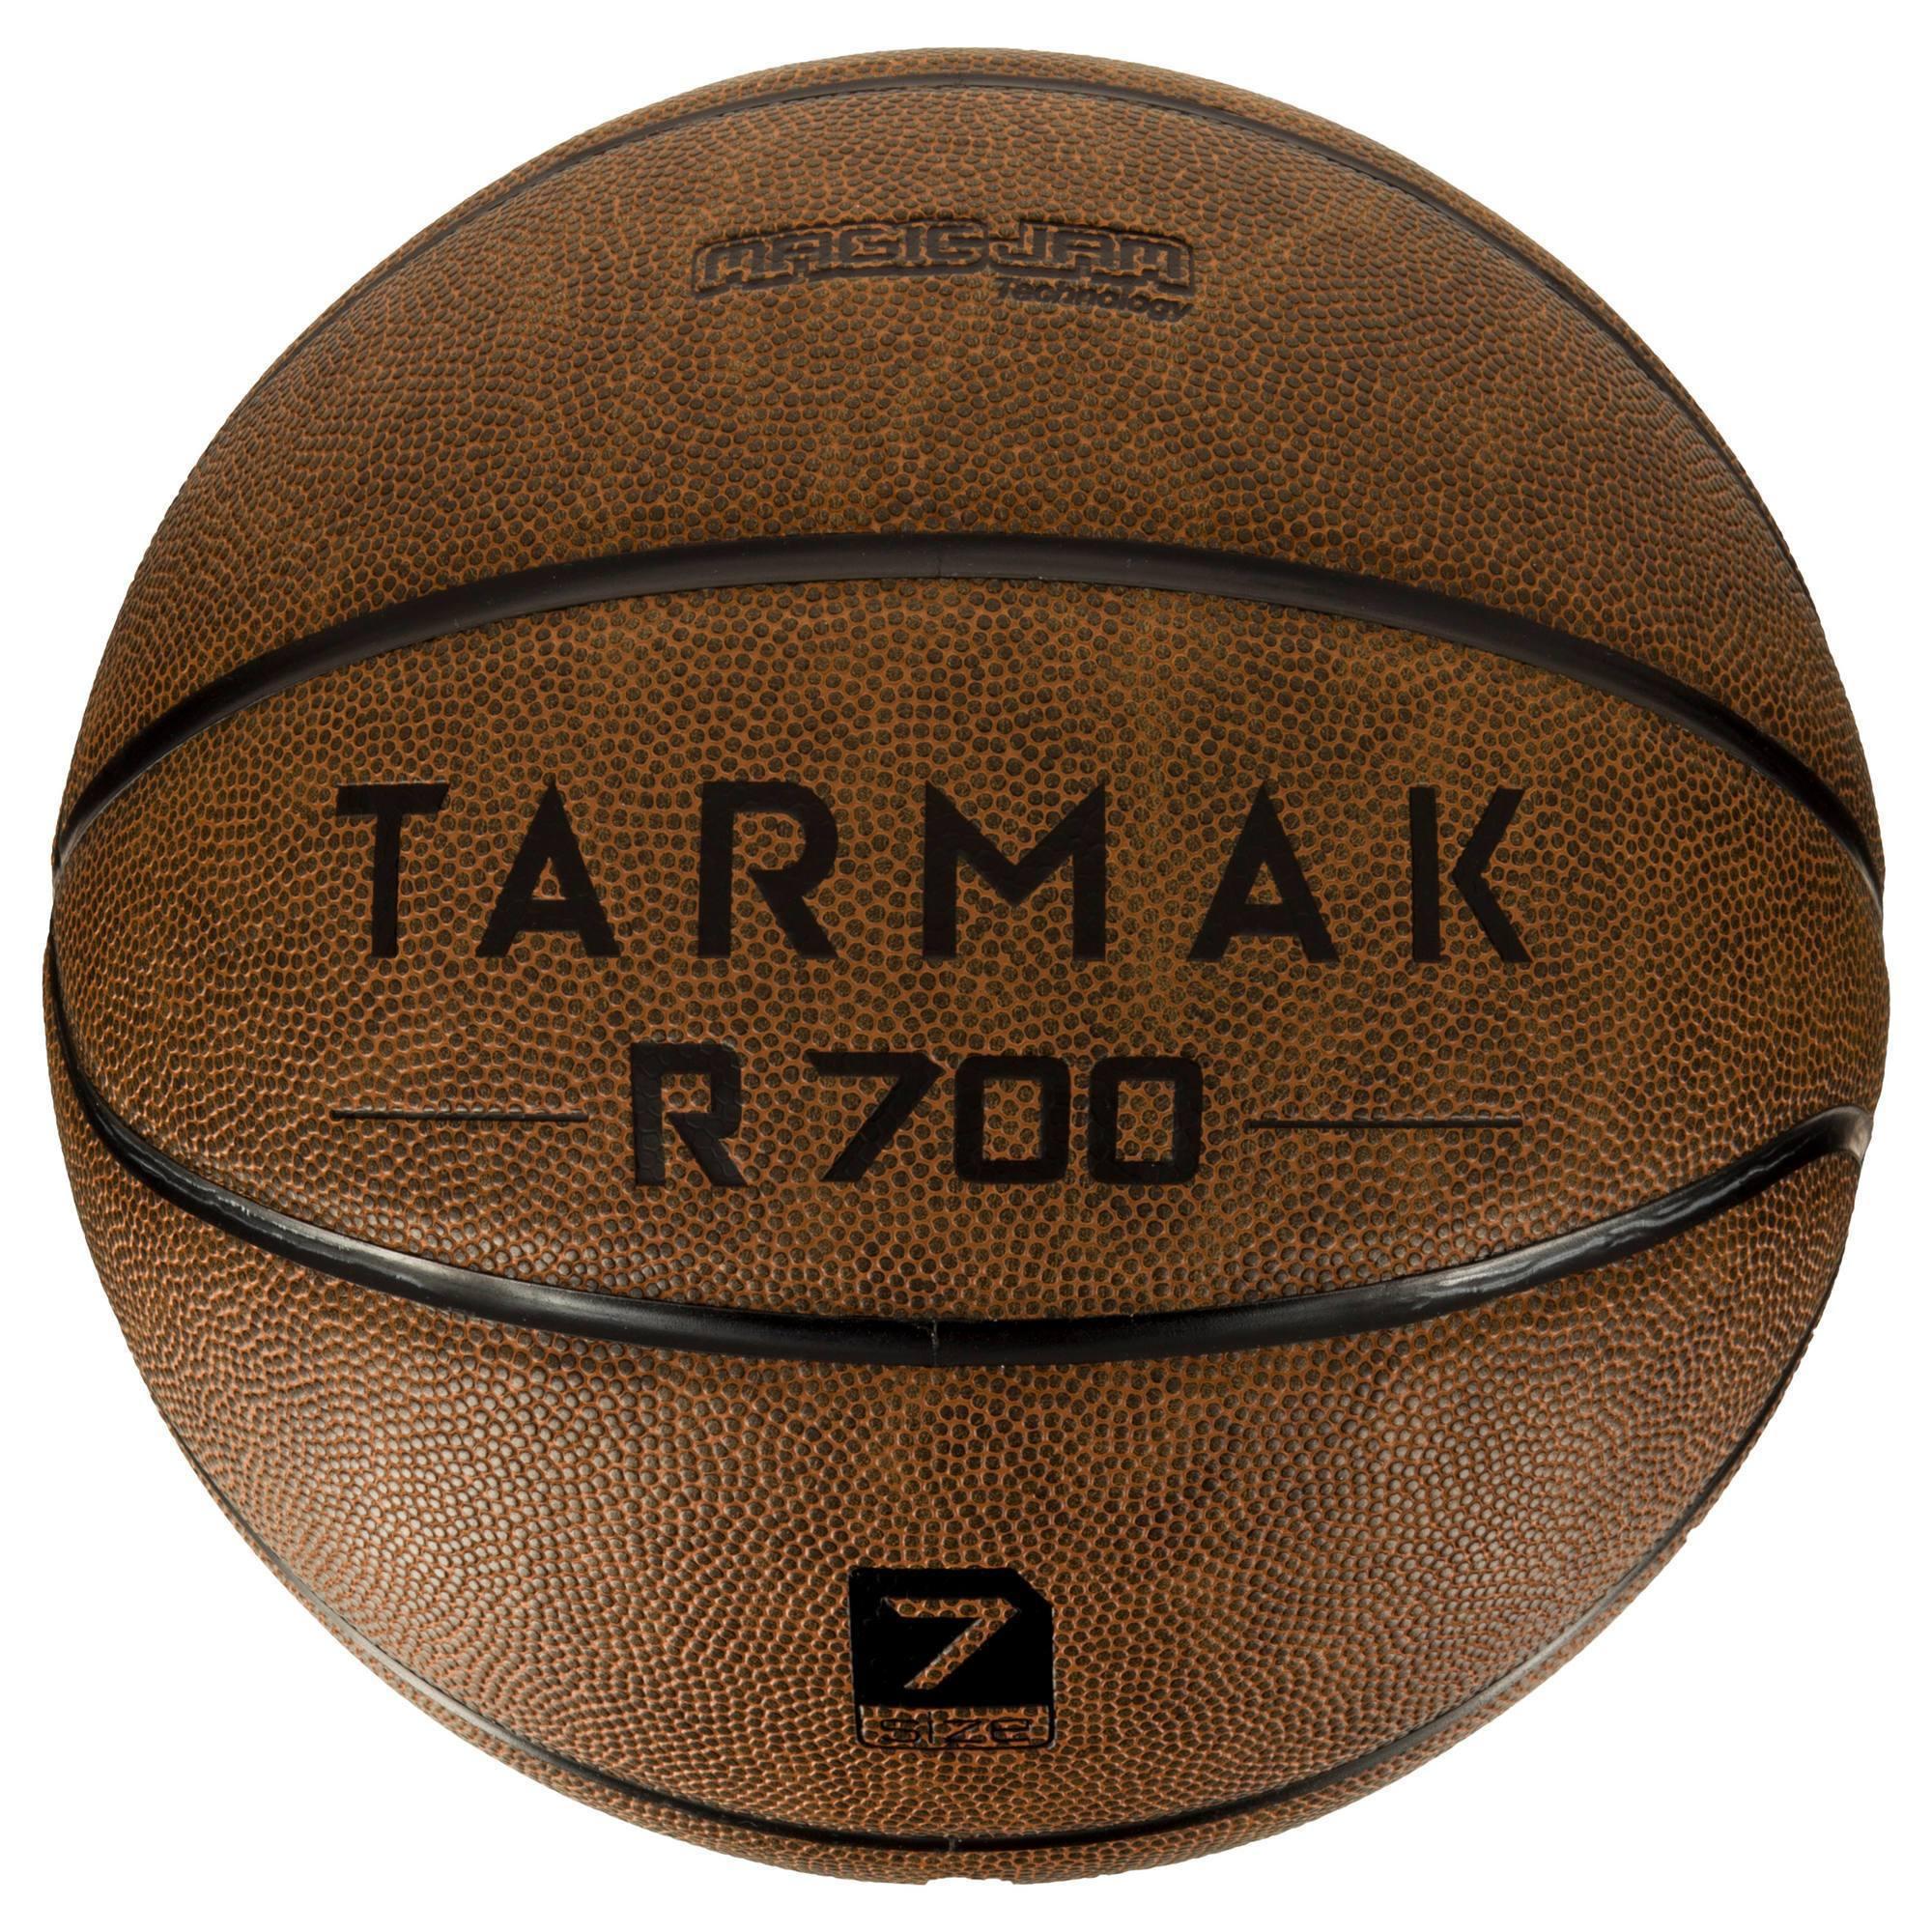 BALLON DE BASKET ADULTE TARMAK 700 TAILLE 7 MARRON. INCREVABLE ET SUPER TOUCHER.